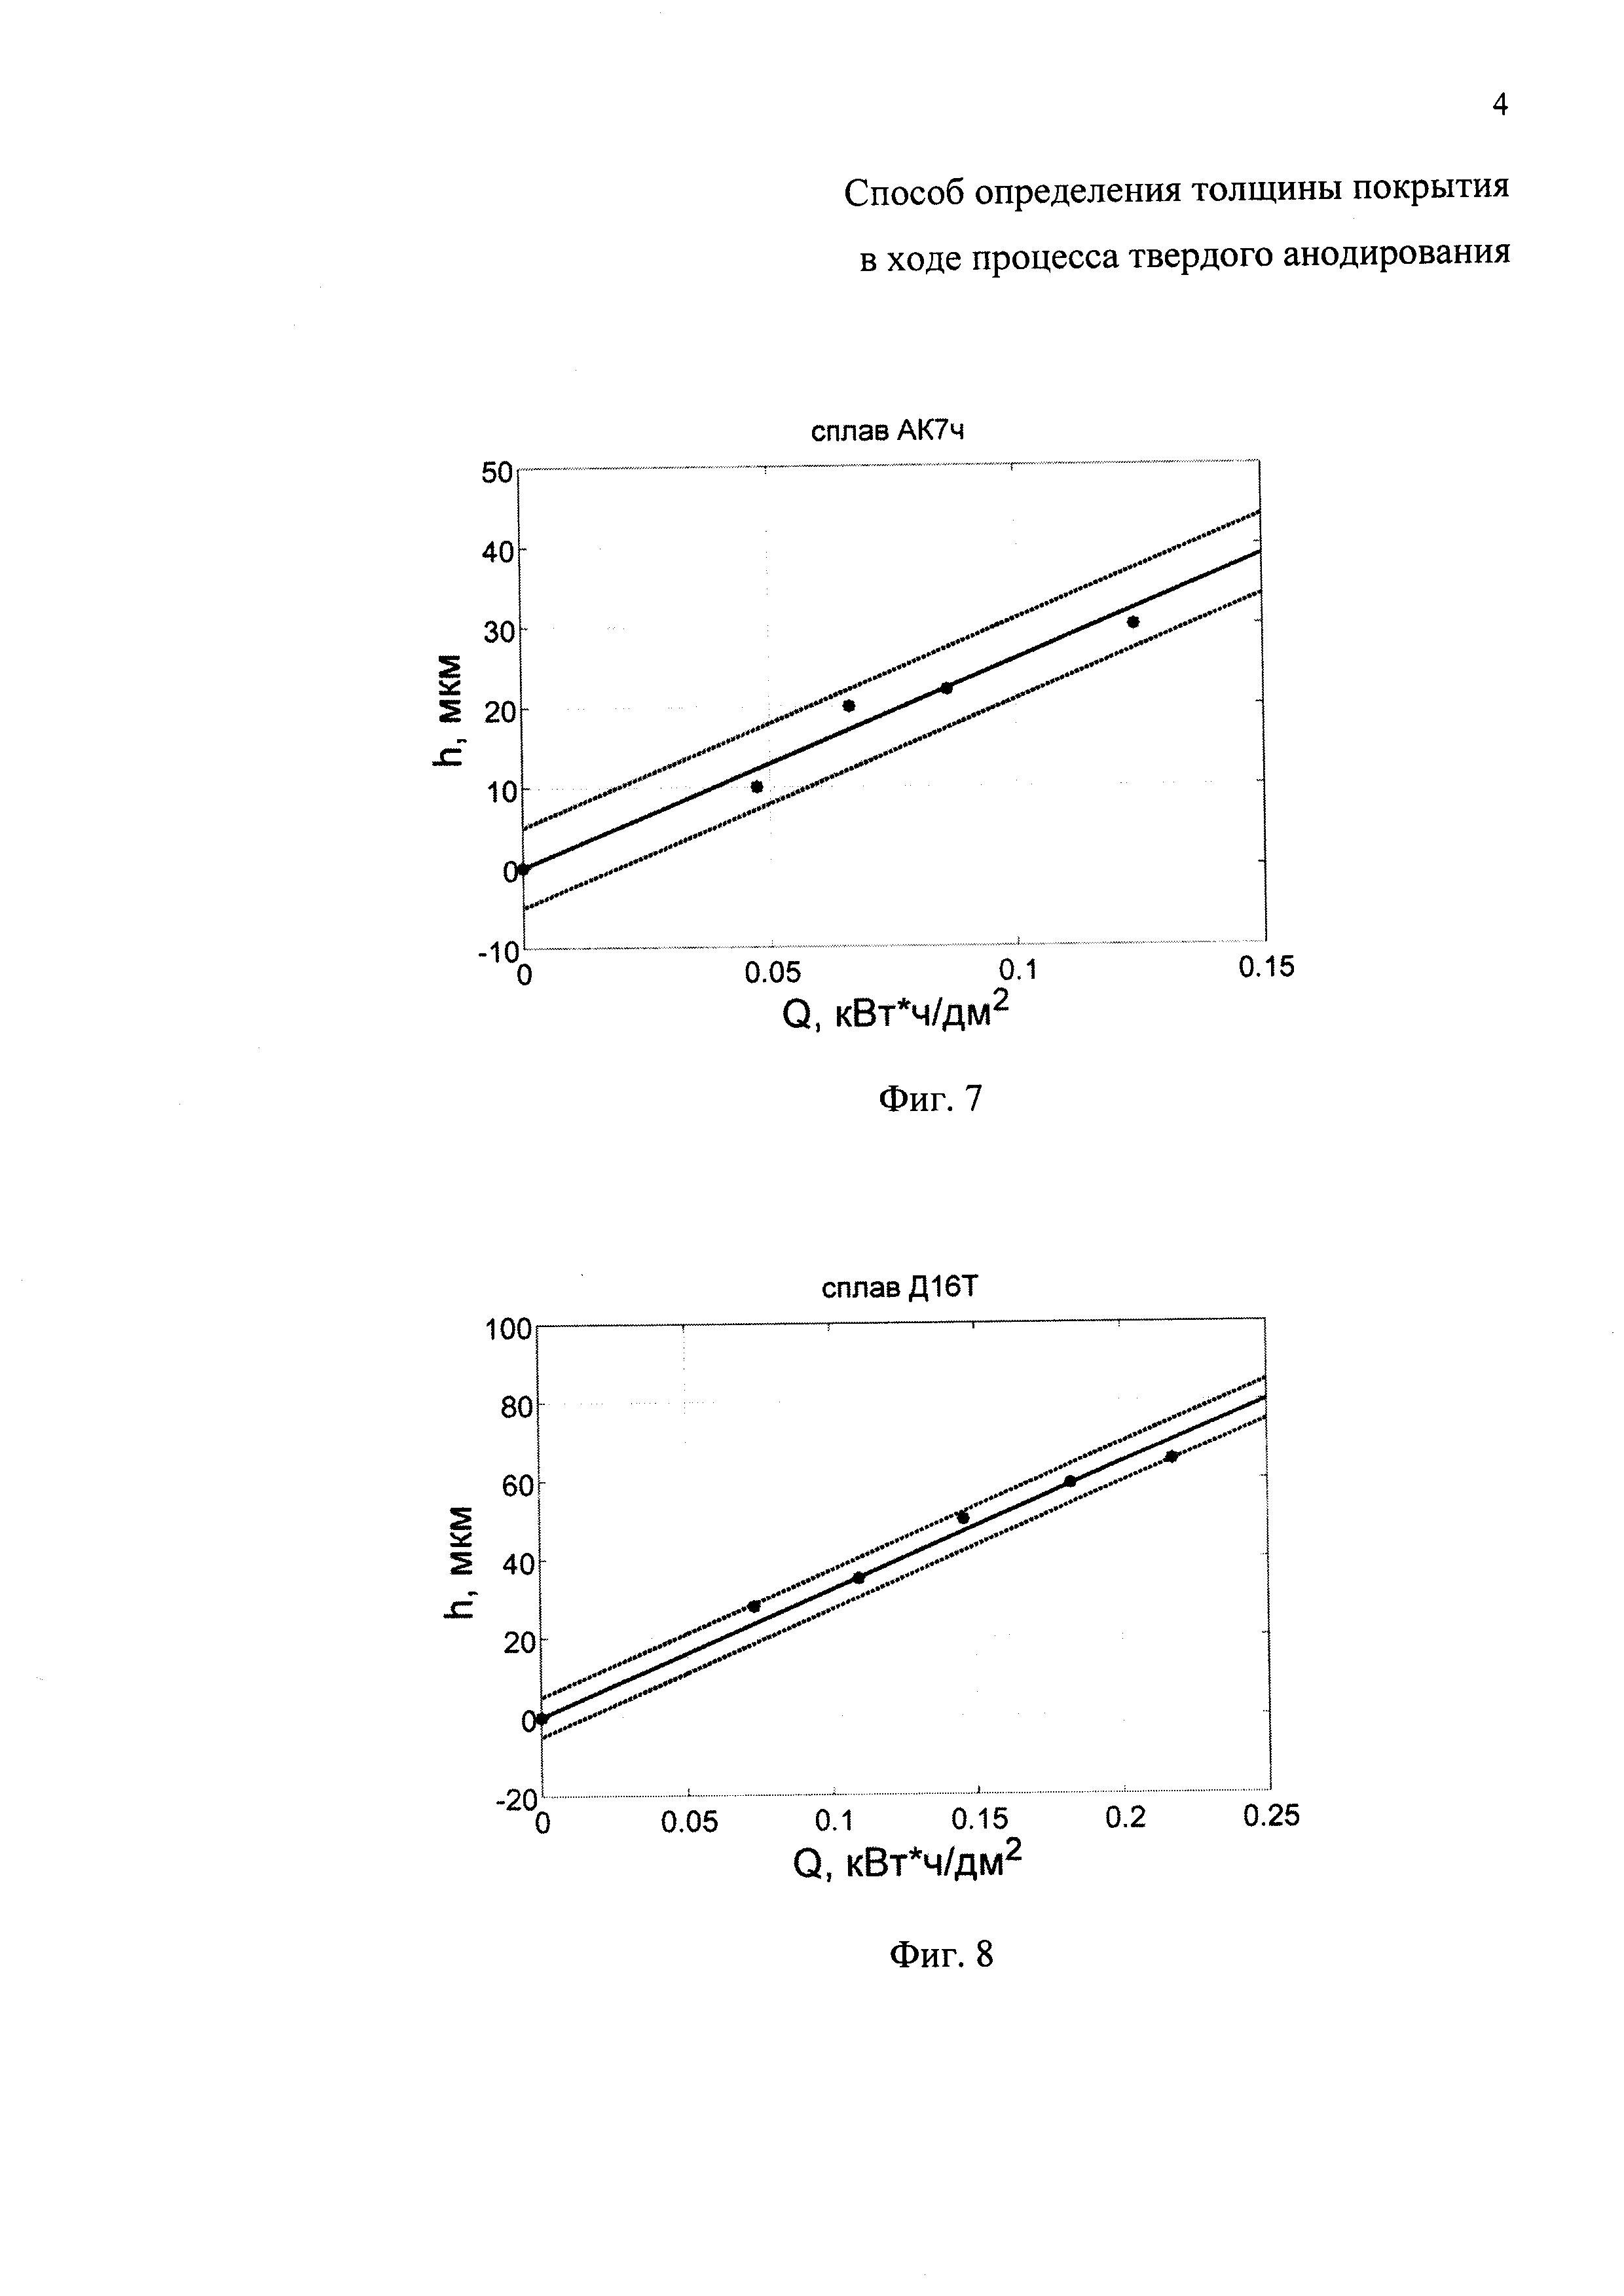 Способ определения толщины покрытия в ходе процесса твердого анодирования